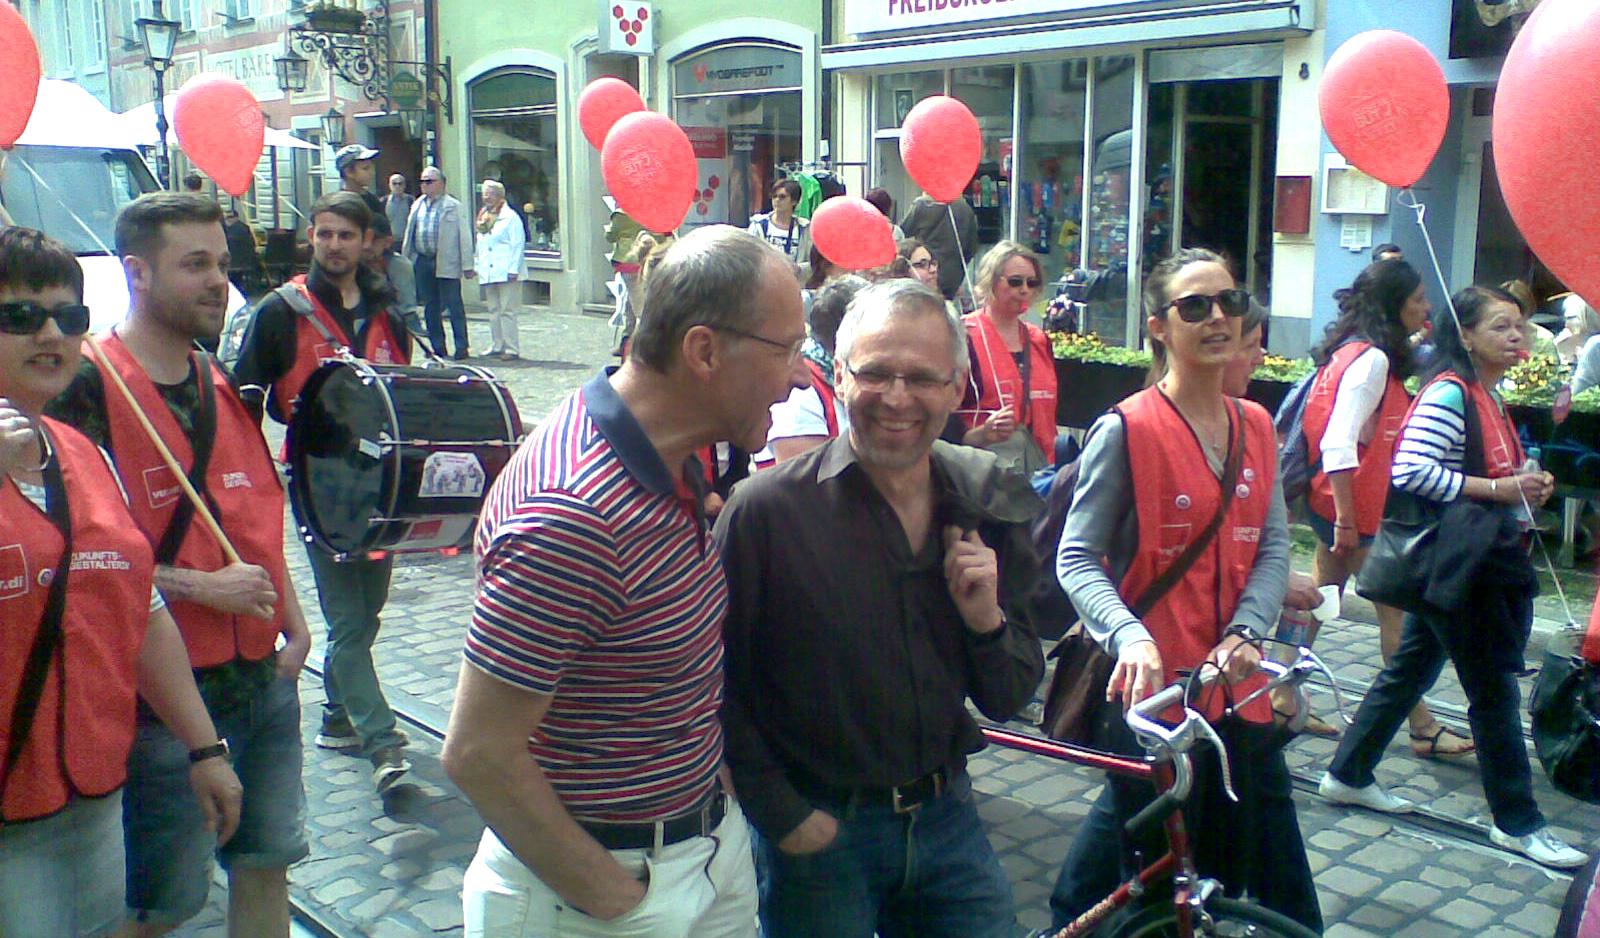 Die Stadträte von FL/FF, Prof. Rückauer und Dr. Winkler, auf der Demo für die Aufwertung der Sozial- und Plegeberufe am 8. Mai 2015 in Freiburg (Foto: W. Deppert)